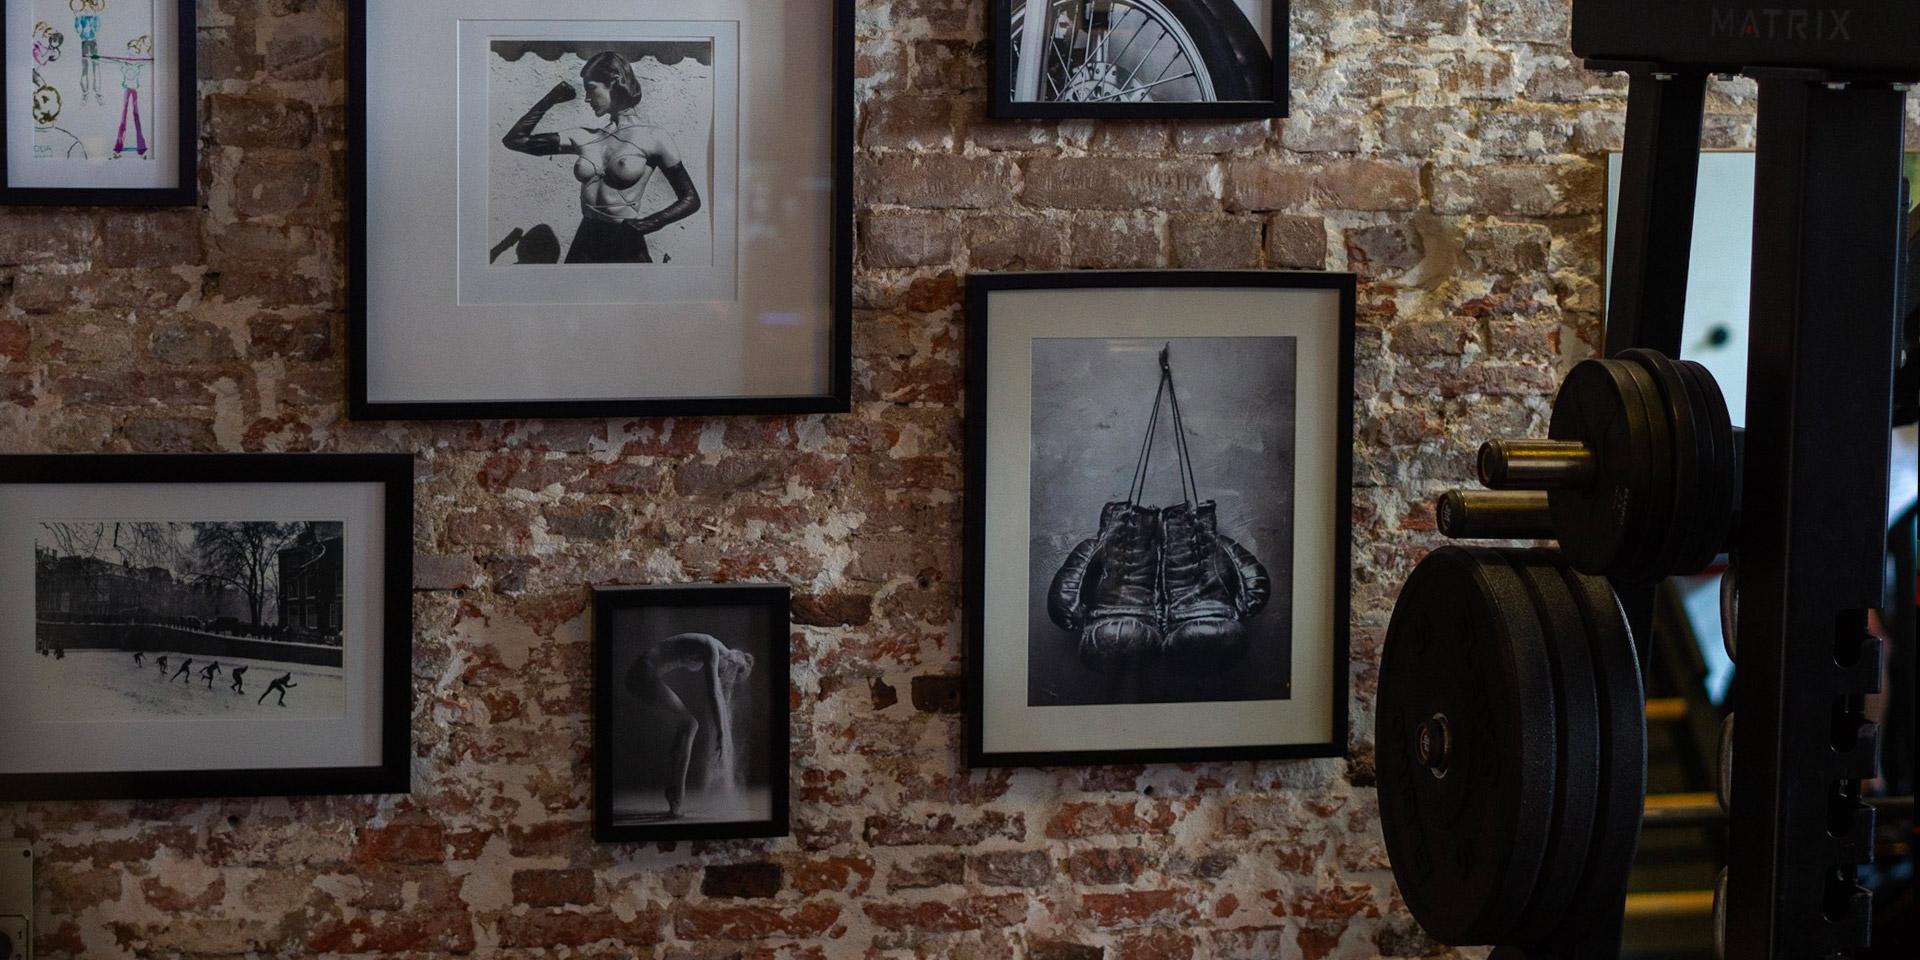 soda-foto-studio-3.jpg